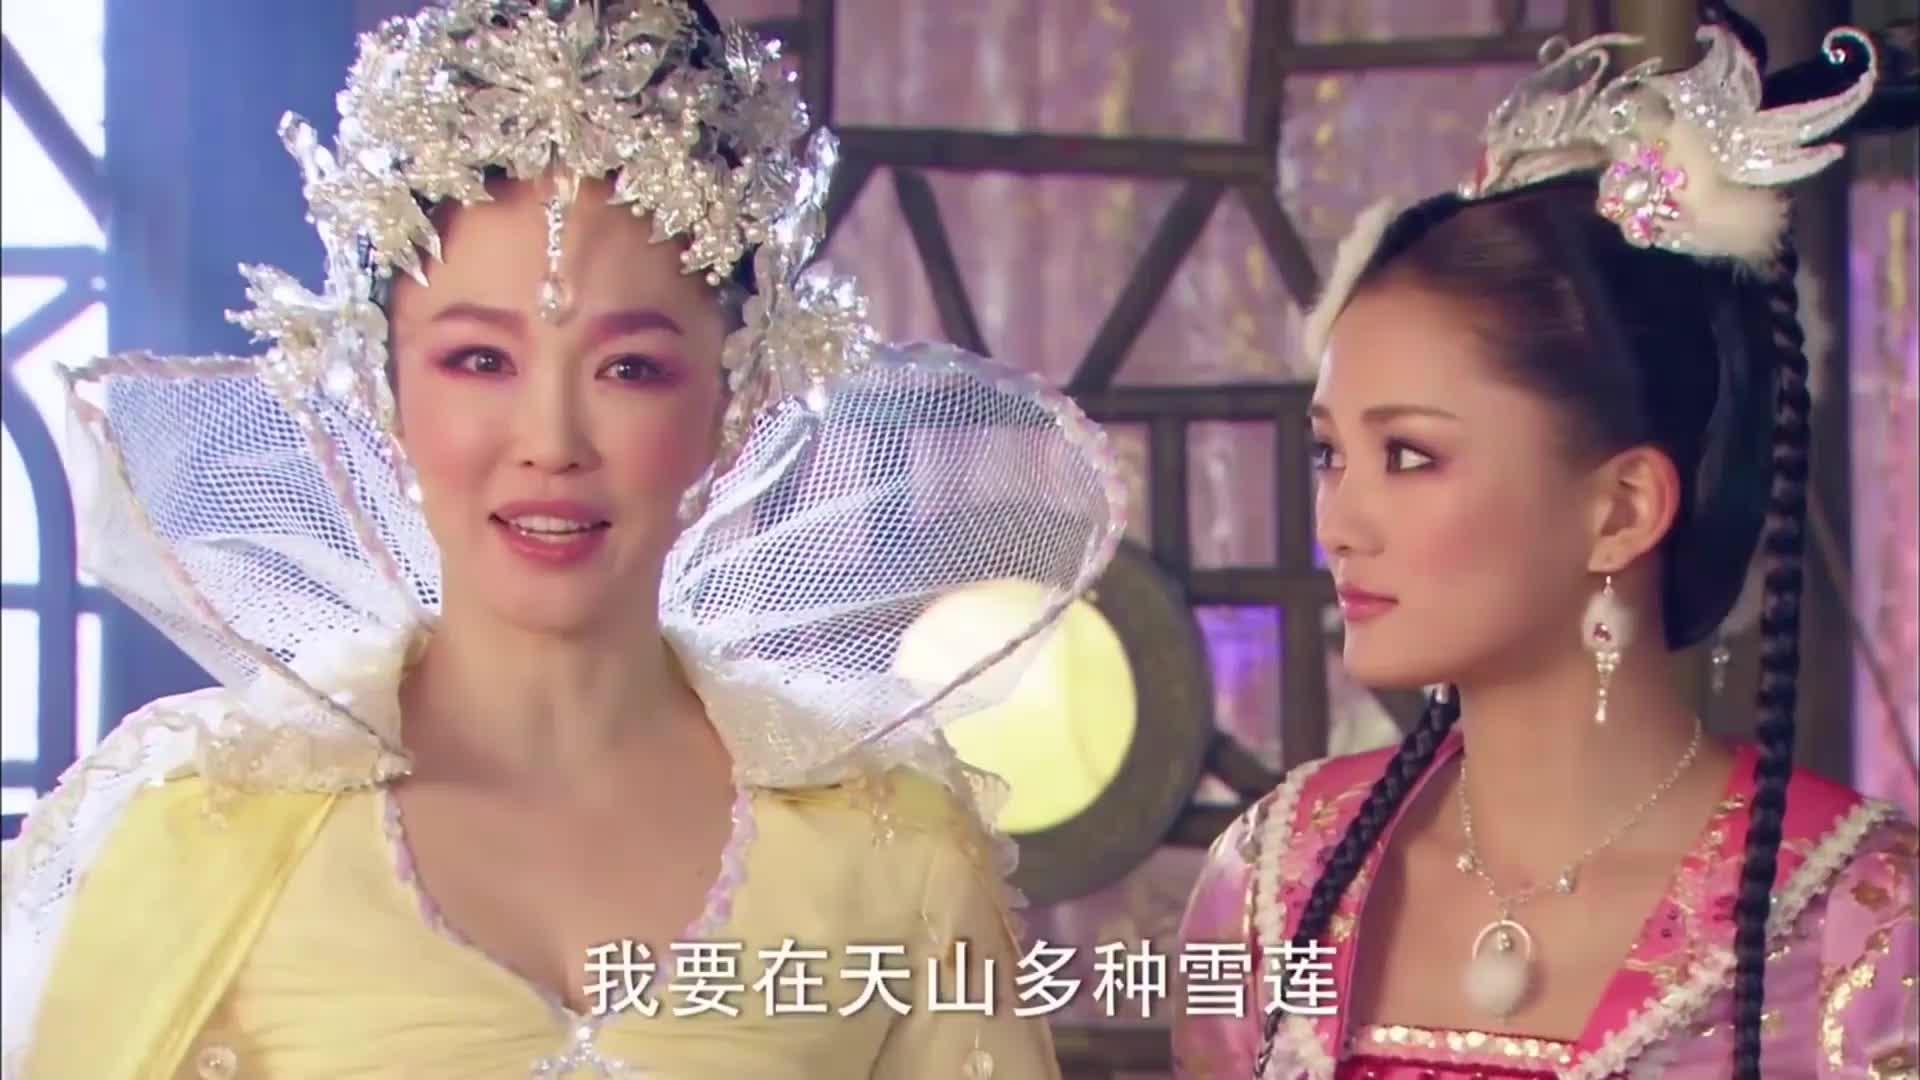 活佛济公:白雪吃醋,赵斌这个直男竟然让她吃伸腿瞪眼丸